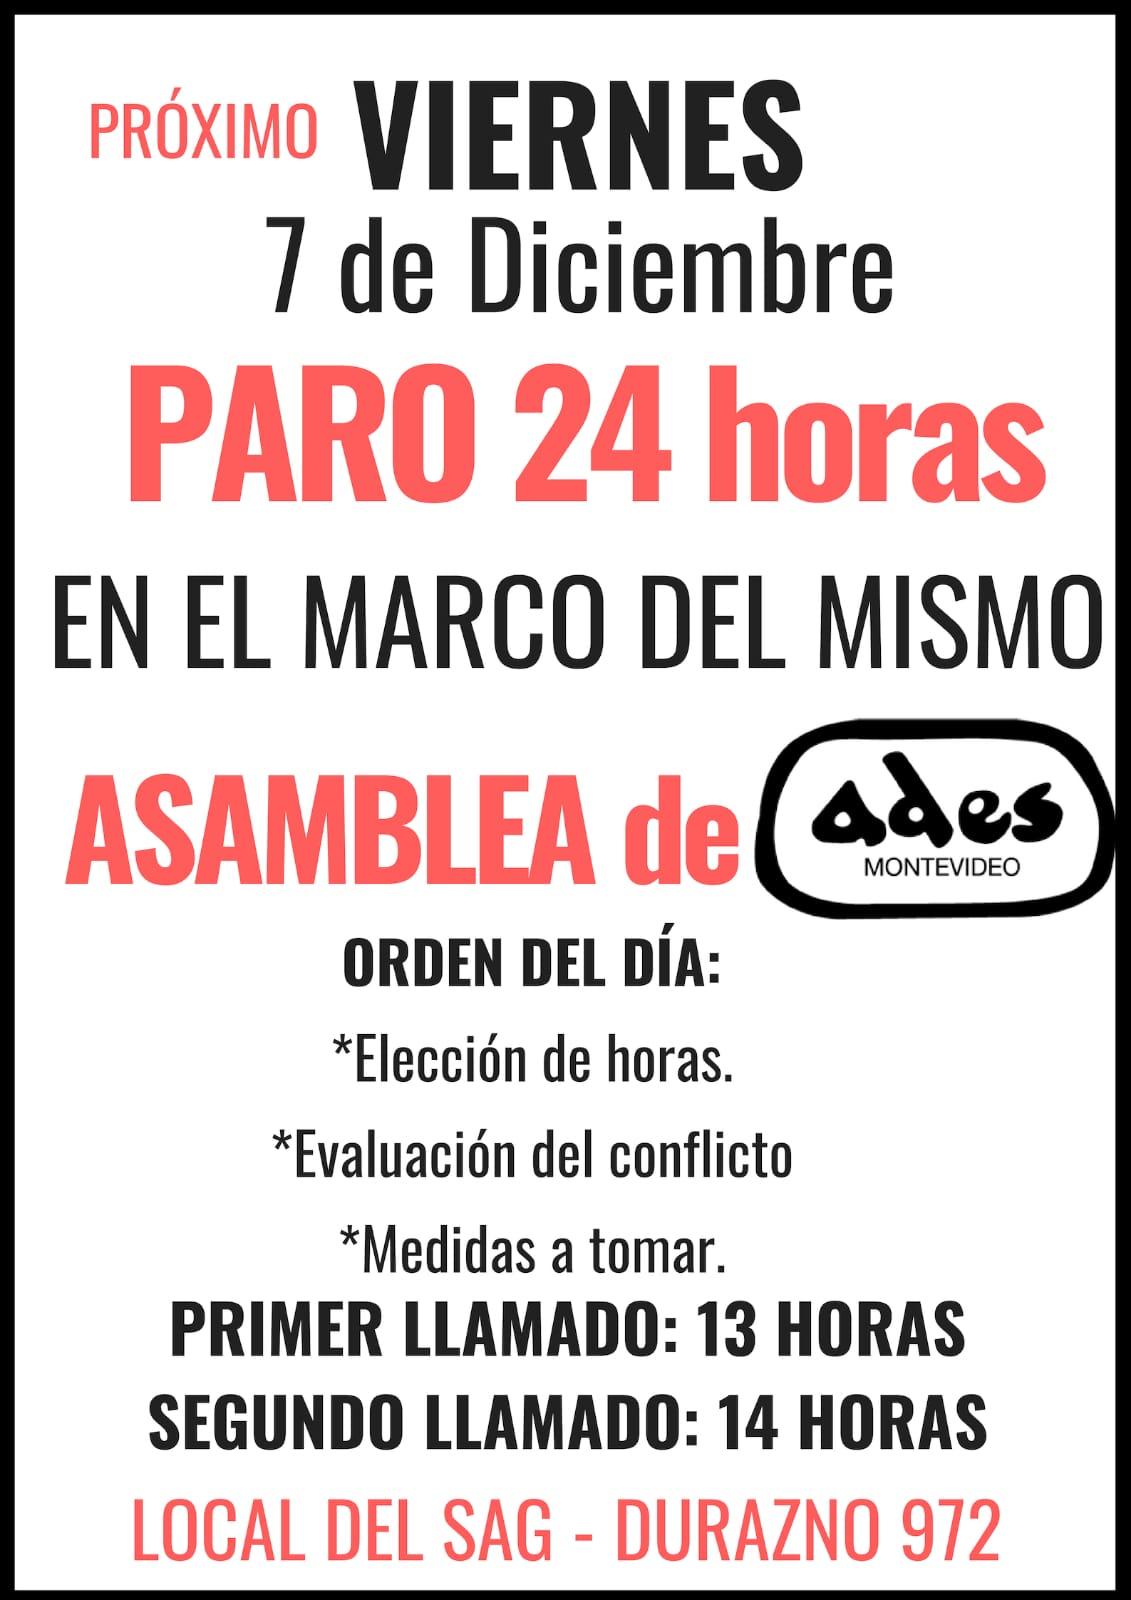 Viernes 7 de diciembre: ADES Montevideo para 24 hs. y convoca a Asamblea General